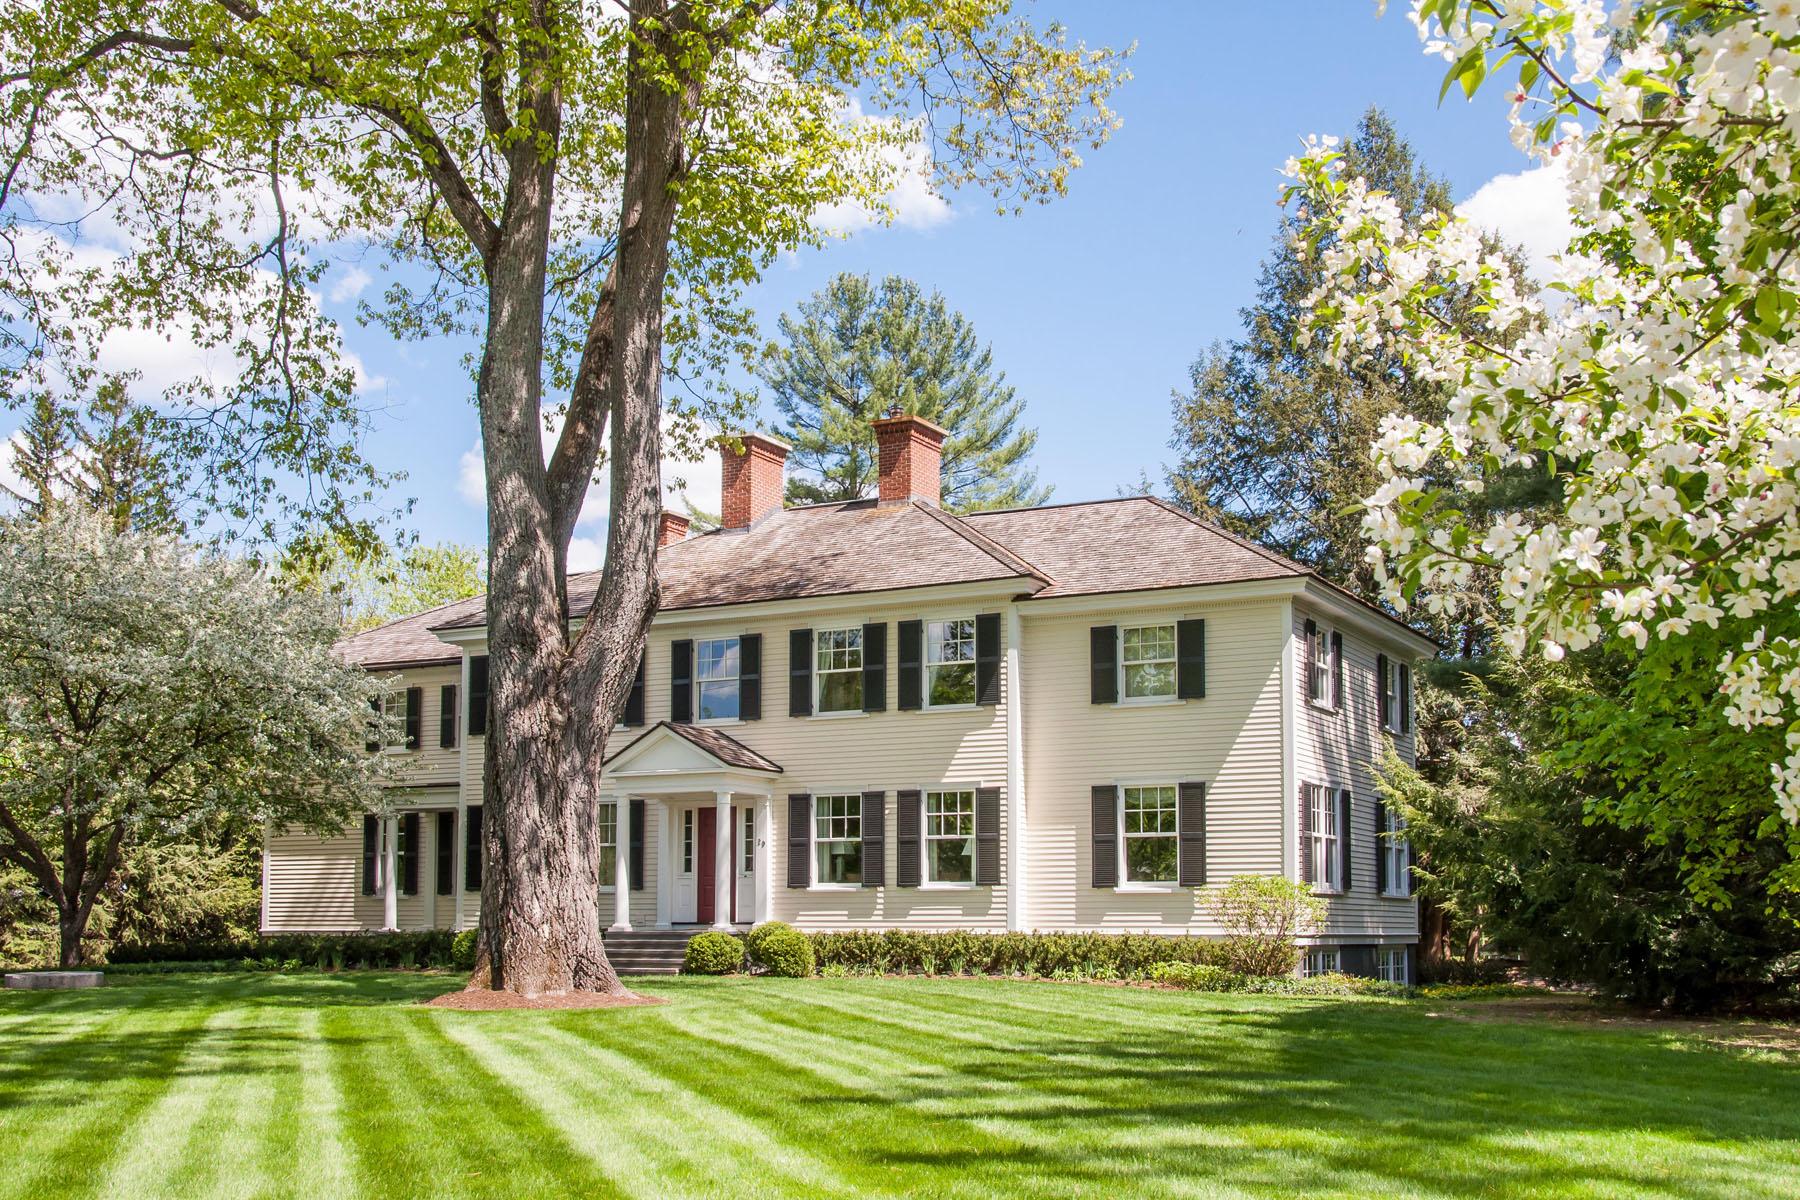 Частный односемейный дом для того Продажа на Occom Pond Estate 29 Rope Ferry Rd Hanover, Нью-Гэмпшир 03755 Соединенные Штаты